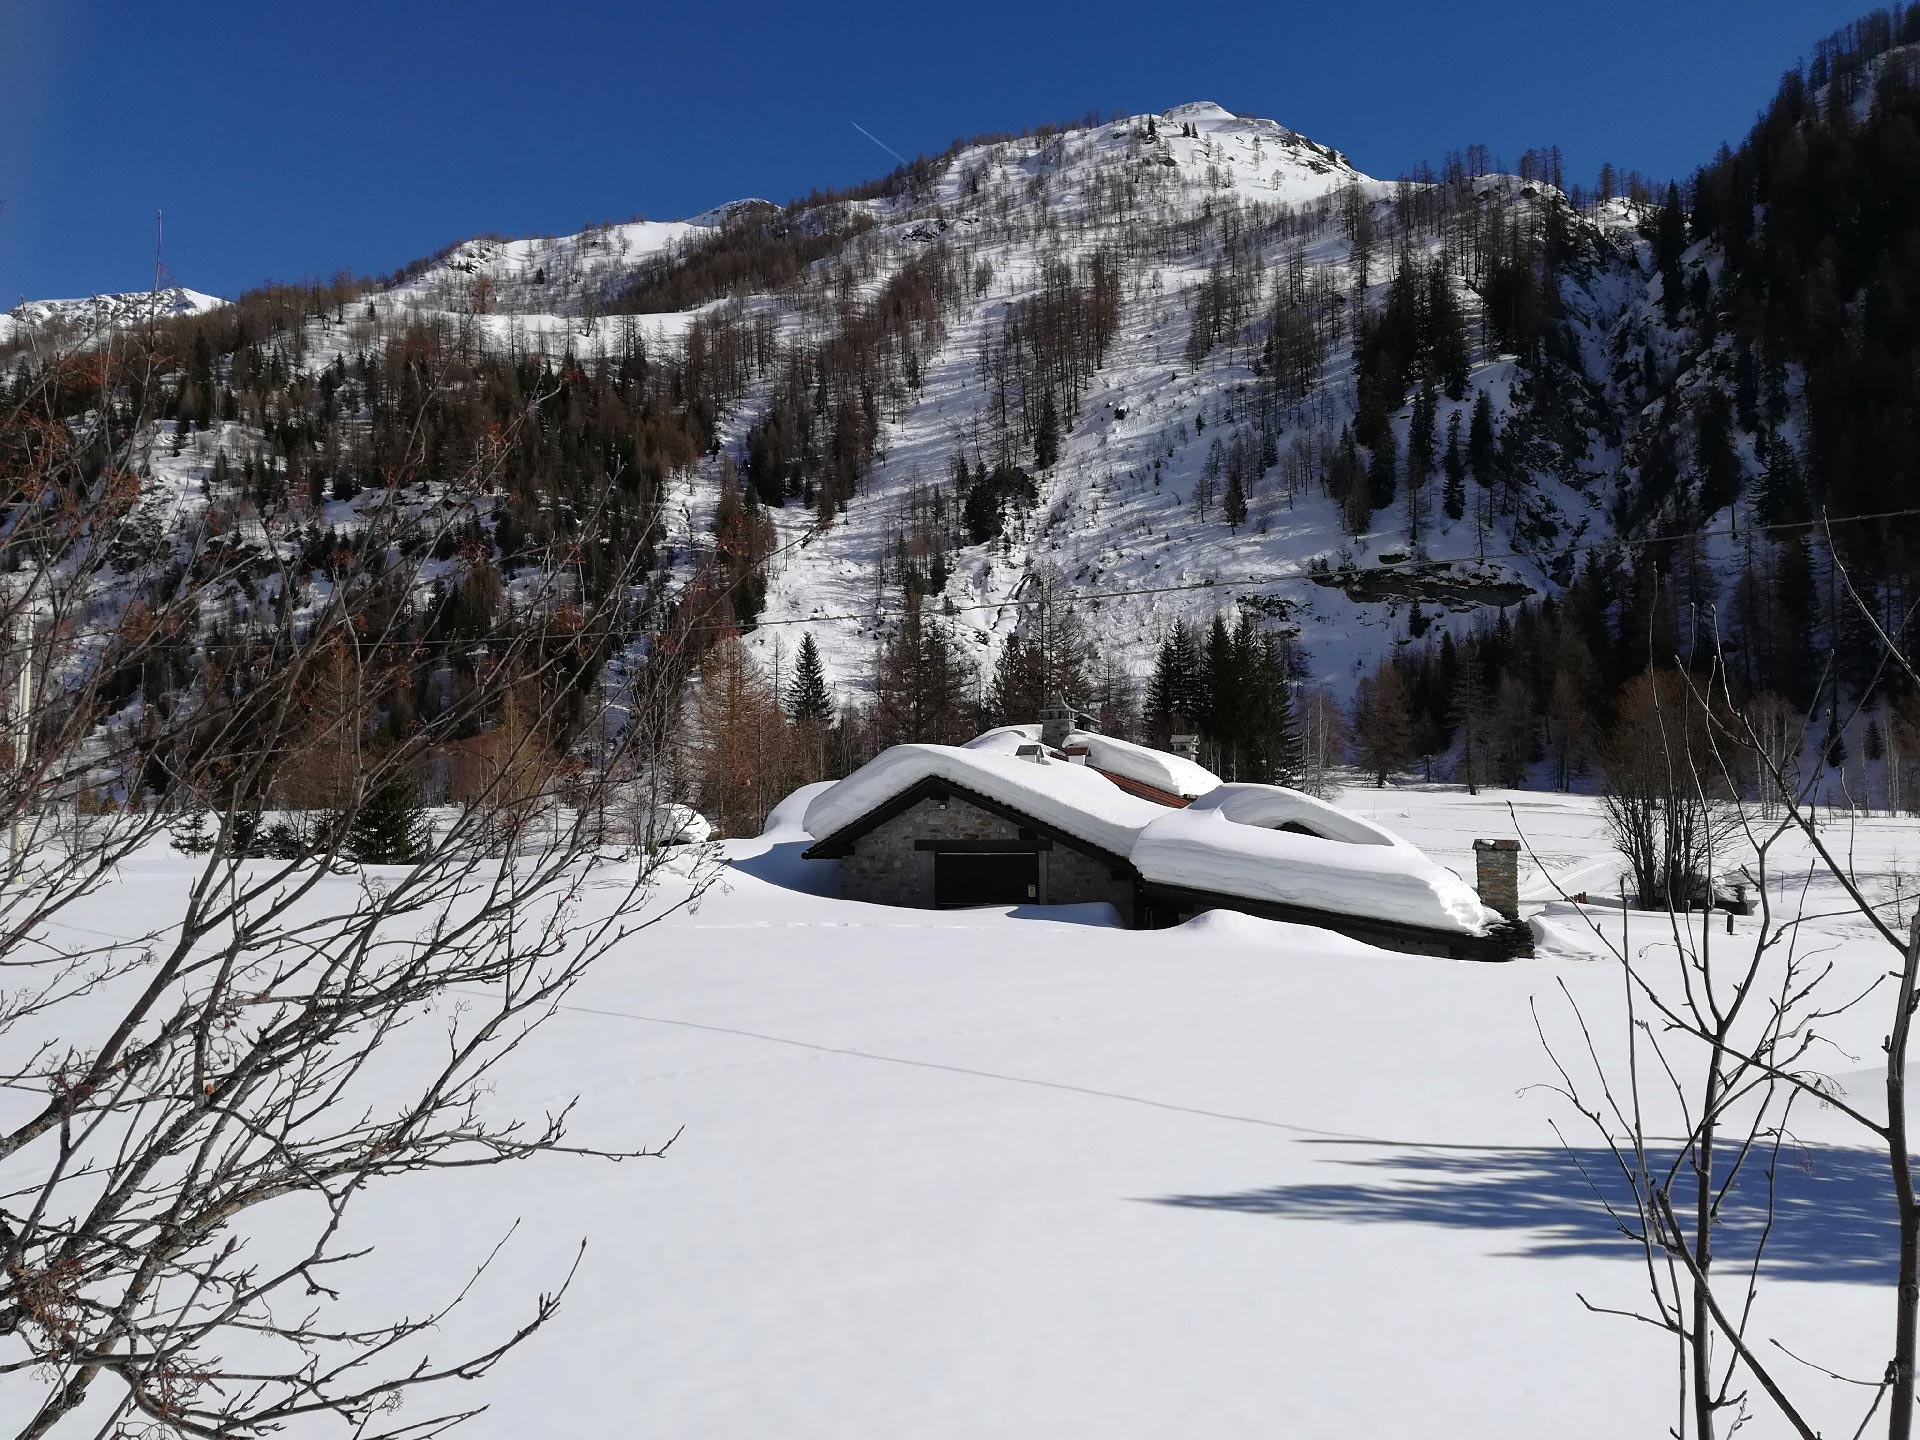 uno scorcio della Val Ferret, baita ricoperta dal manto nevoso, Courmayeur, Valle d'Aosta